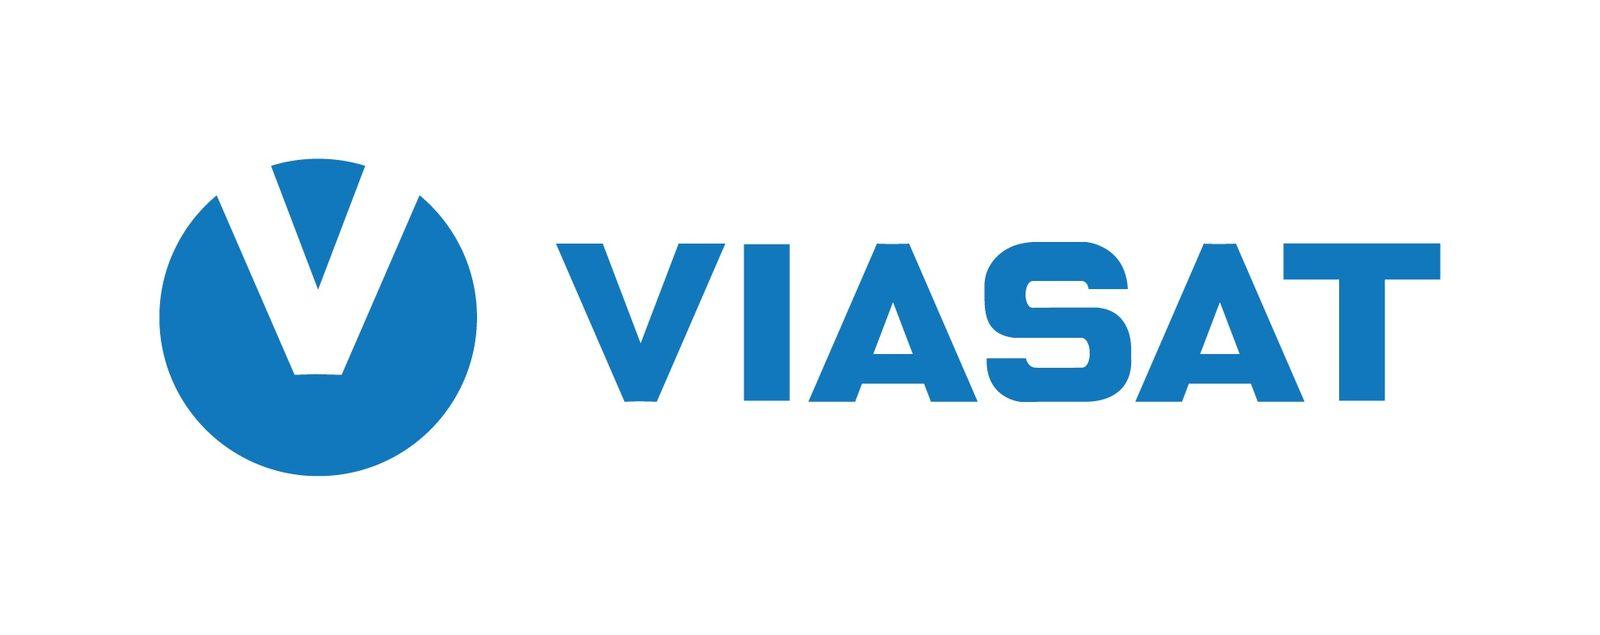 Компания Viasat заключила сделку с мировым поставщиков ТВ-контента